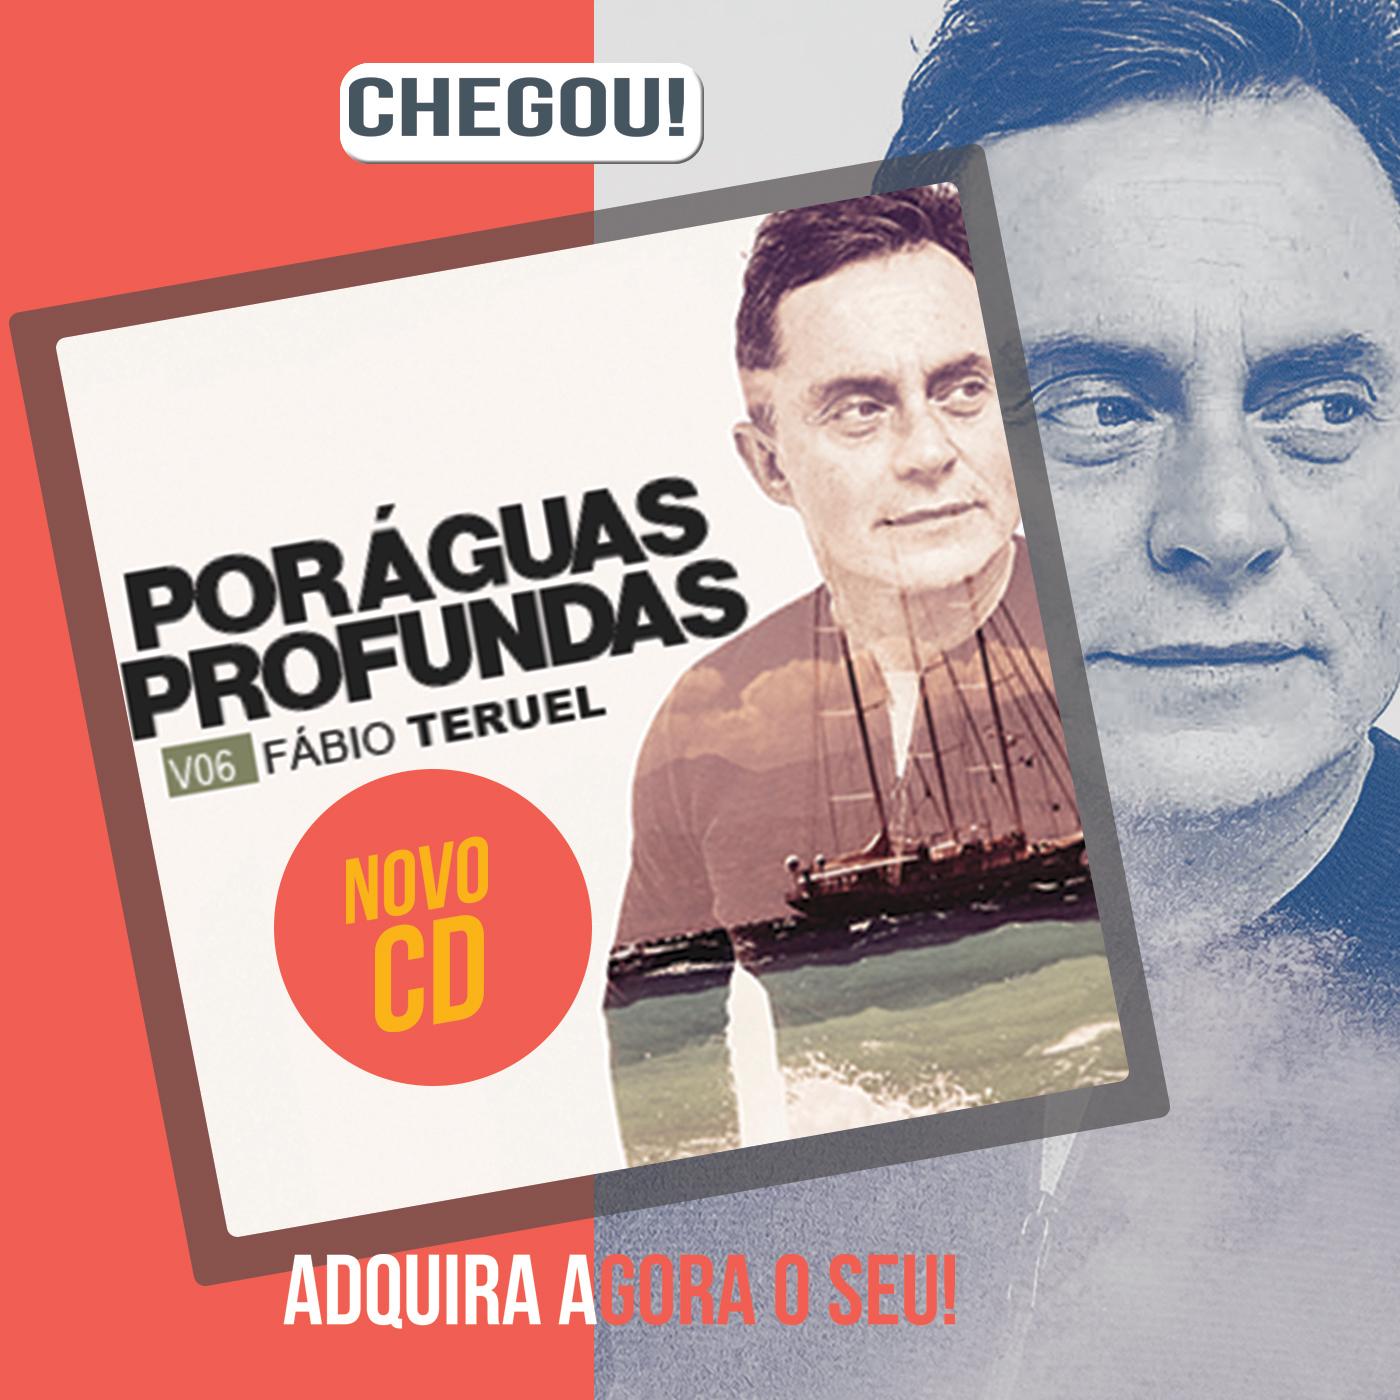 CD  Por águas profundas - Fábio Teruel